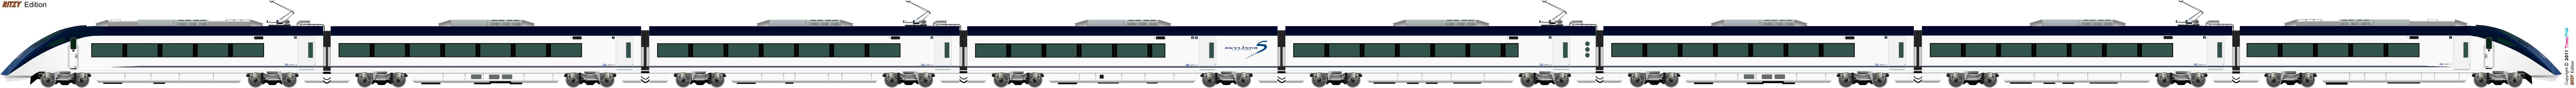 鐵路車輛 13001